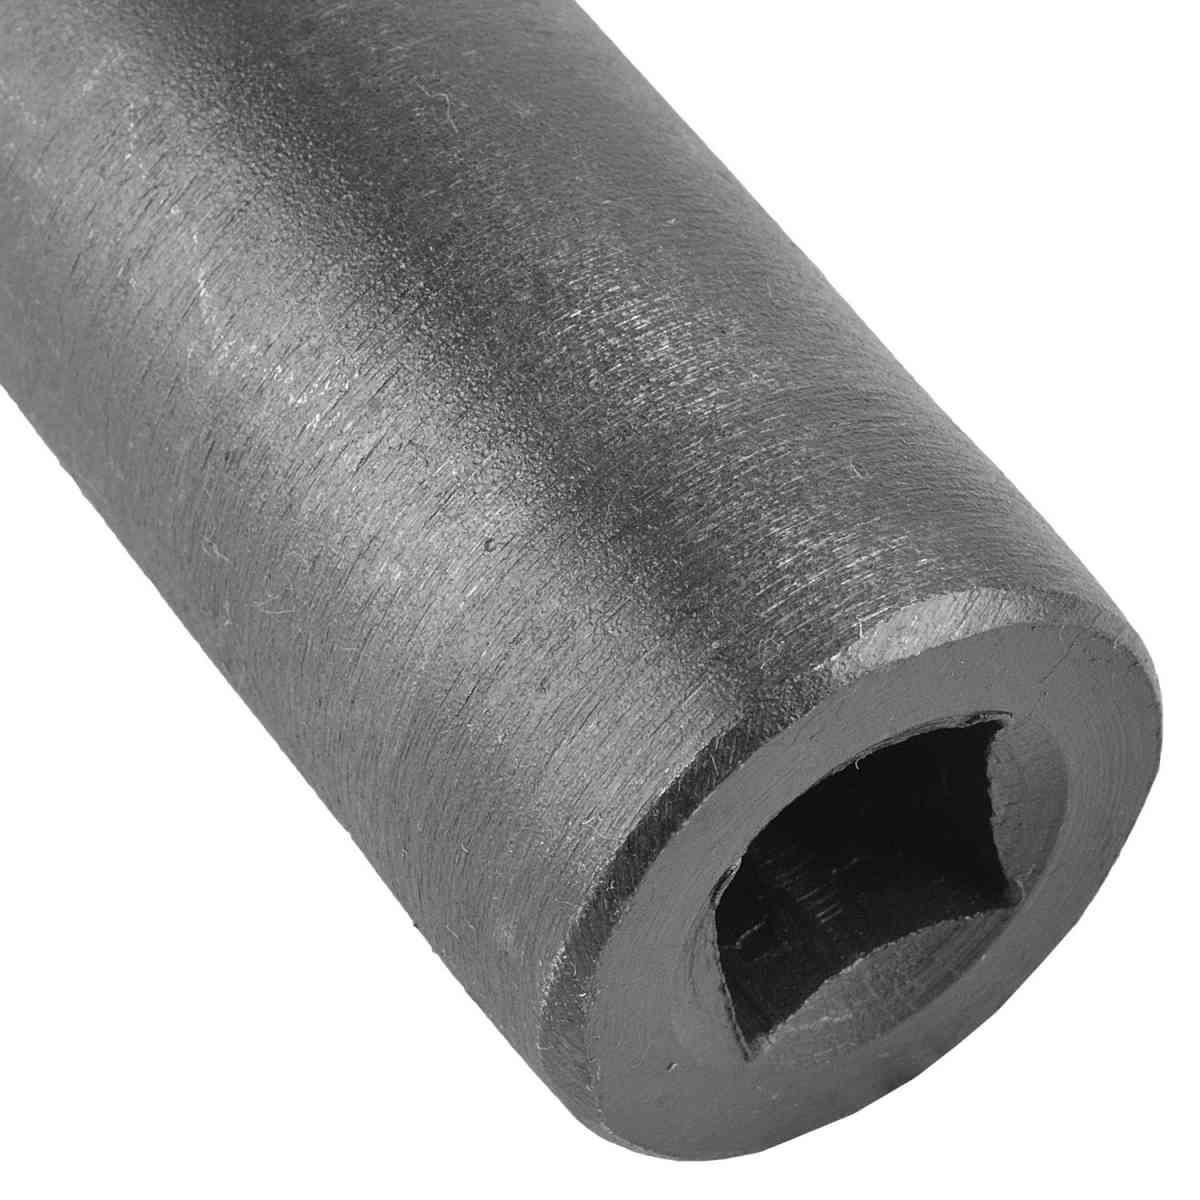 Chave Para Porca do Amortecedor 60 mm CR 163 Cr ferramentas